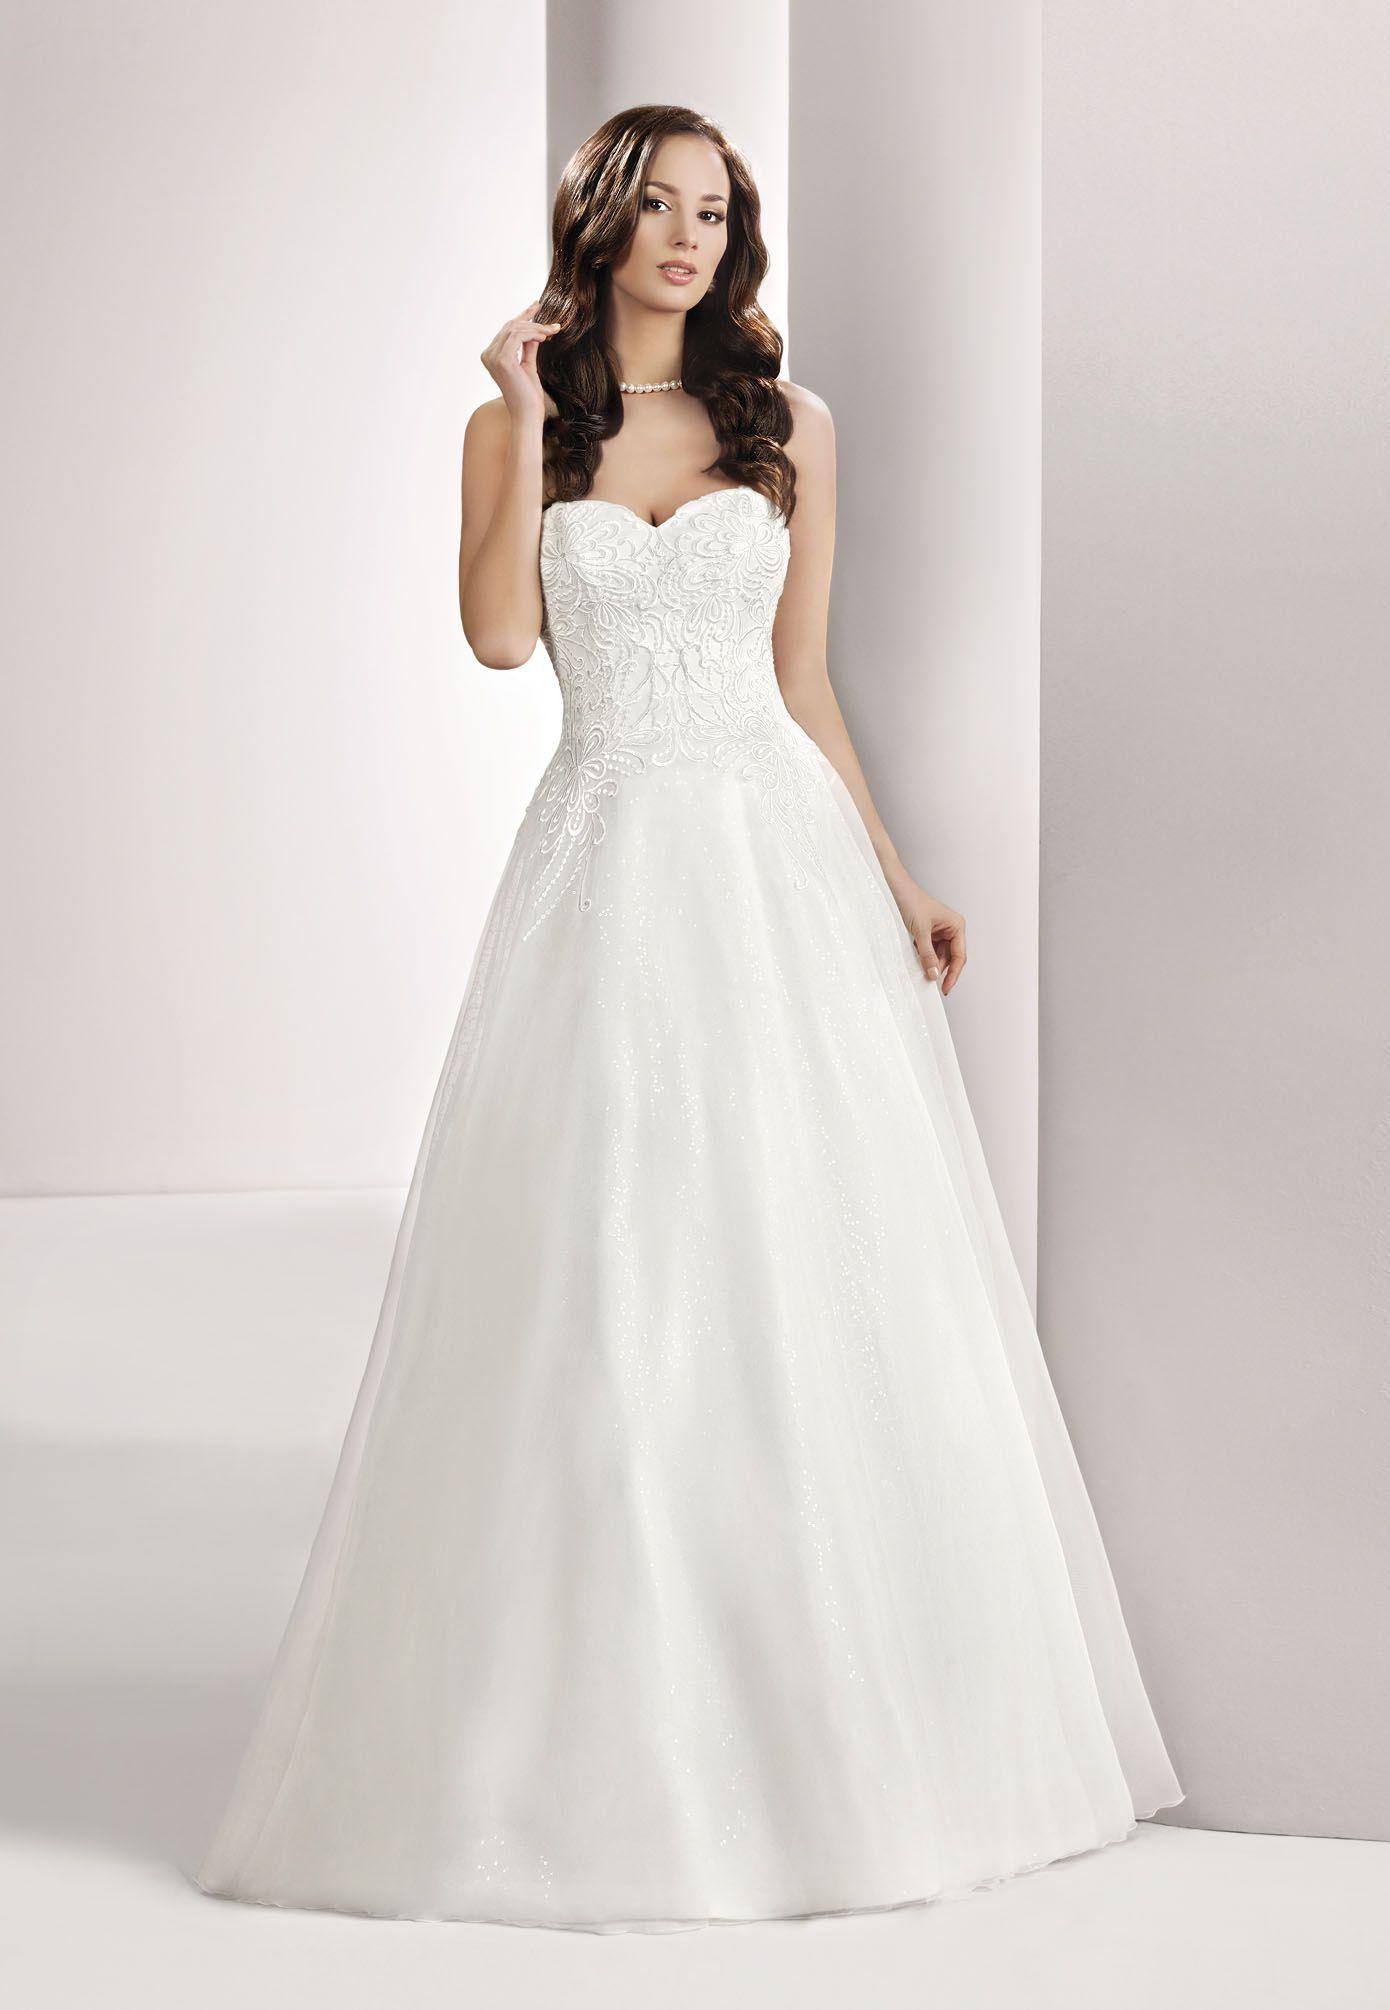 Brautkleid von Mode de Pol mit großer Spitze auf der Corsage und ...